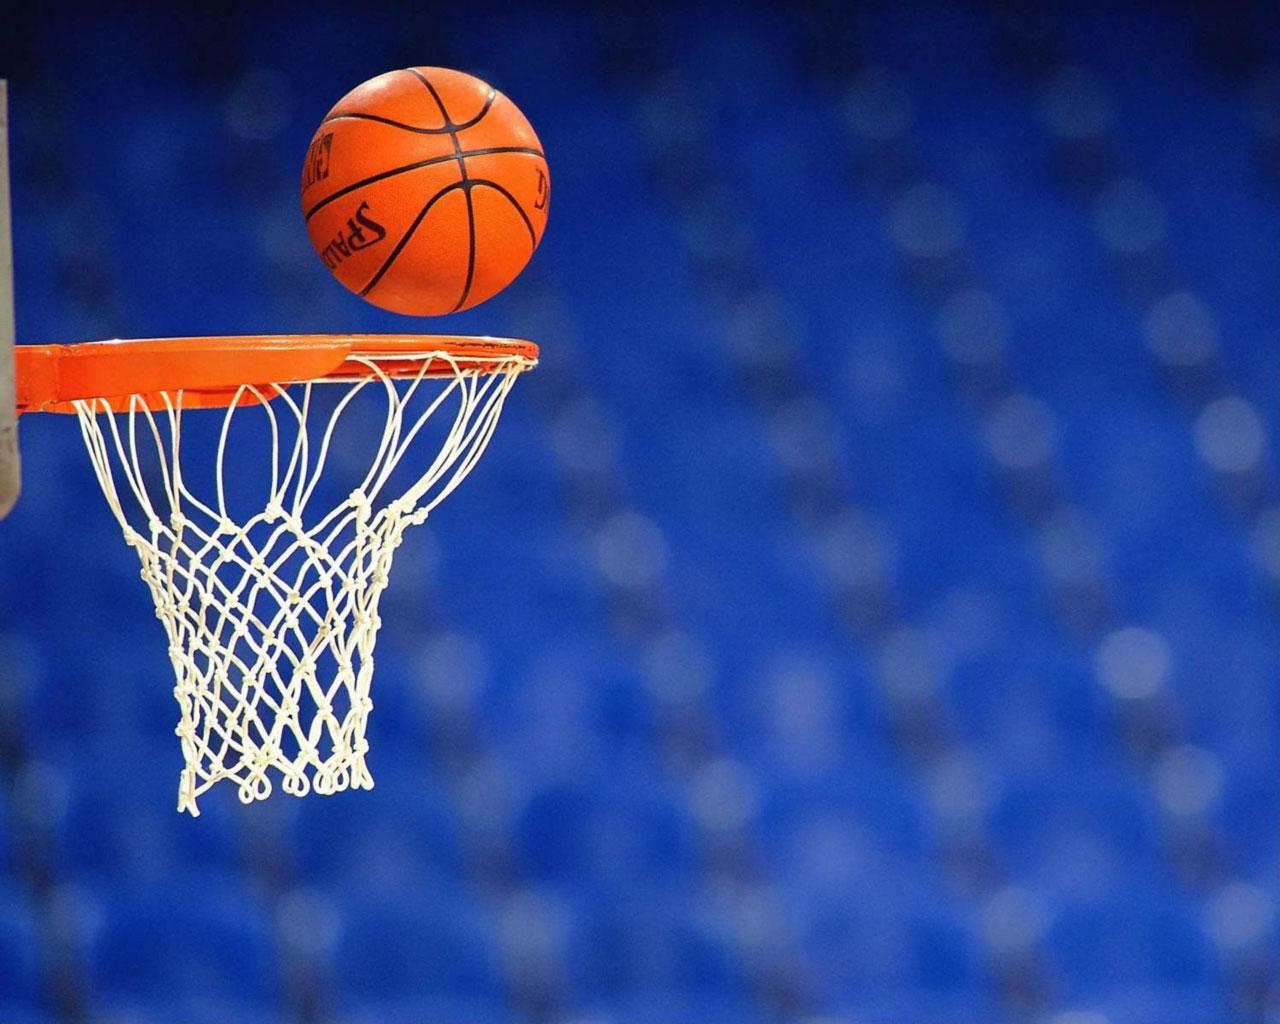 http://3.bp.blogspot.com/-e3L5H9KmqEQ/UEHl8F13FDI/AAAAAAAADNs/XGixekSlUcE/s1600/Sports-Basketball.jpg